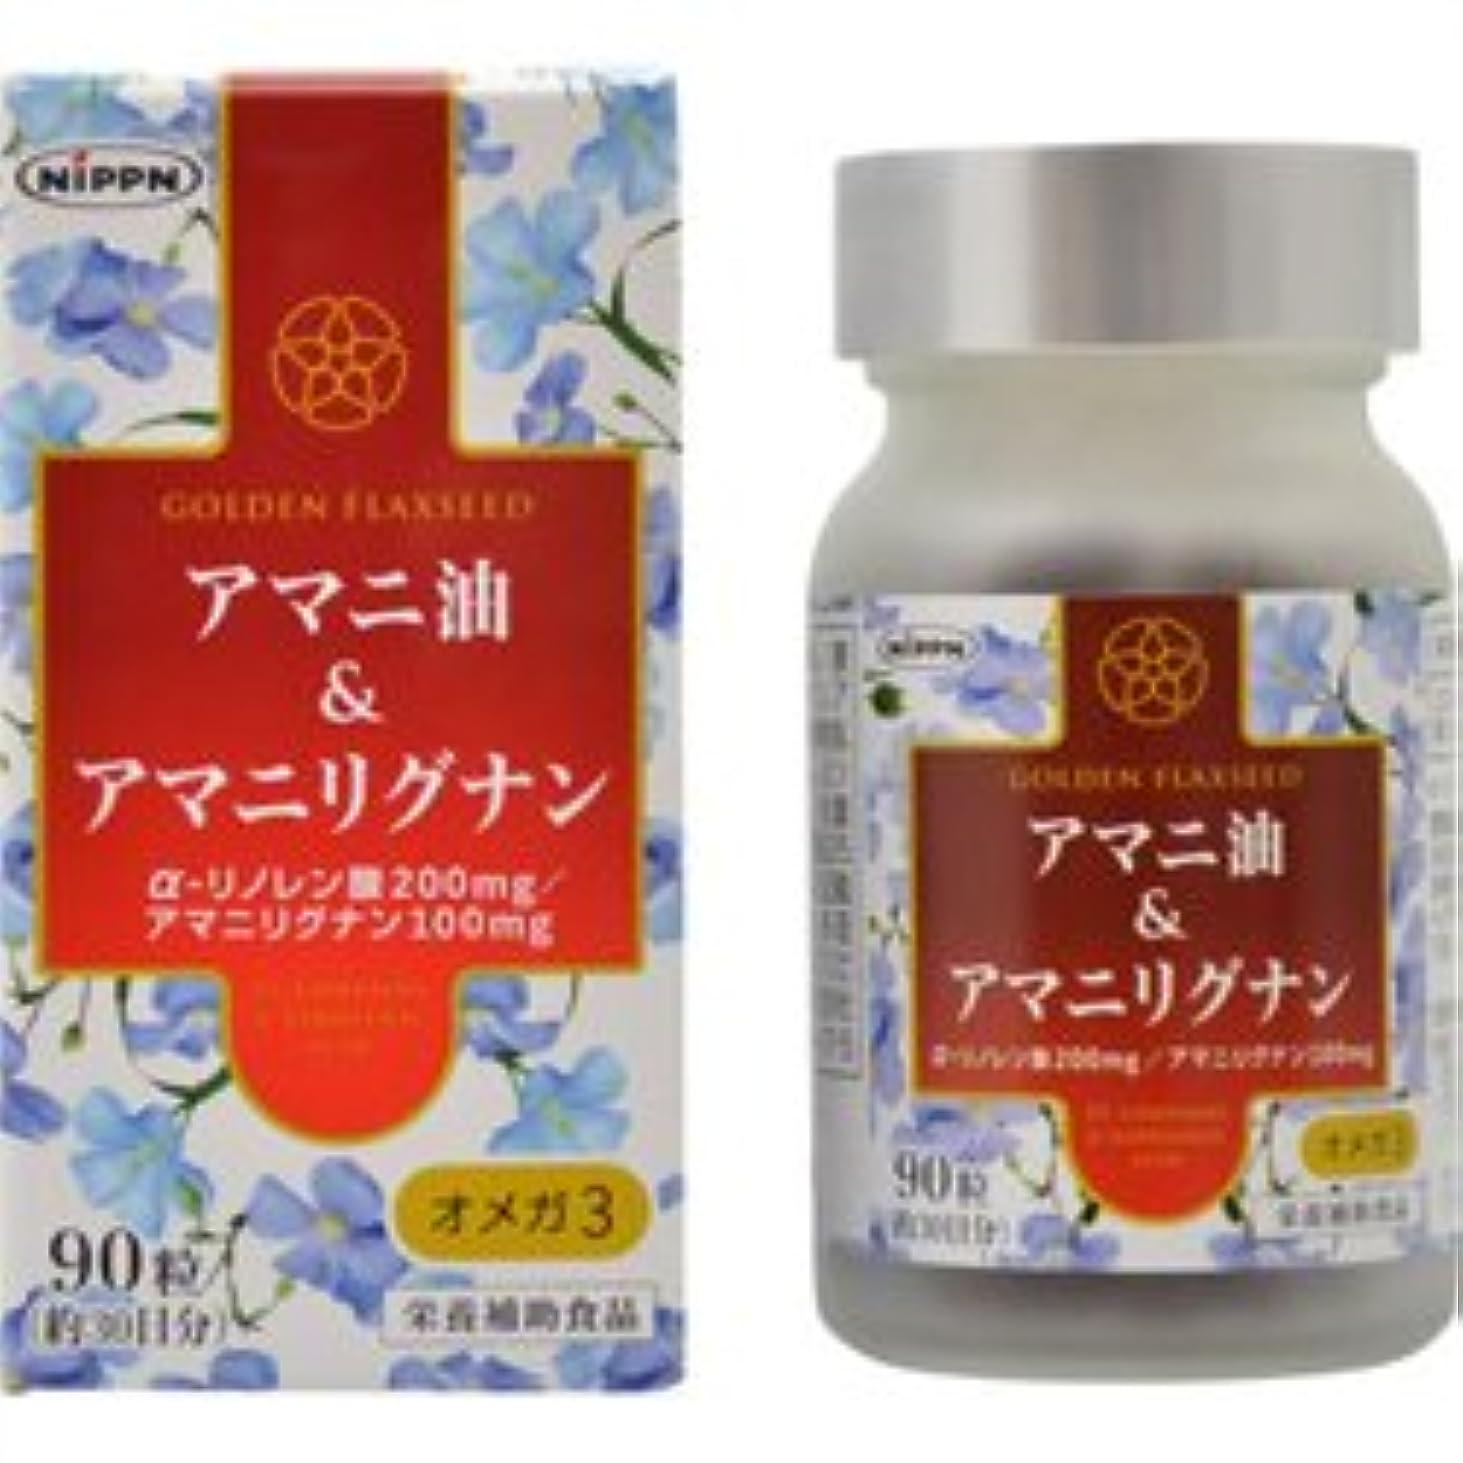 矛盾する表現テレマコス【日本製粉】アマニ油&アマニリグナン 90粒 ×5個セット